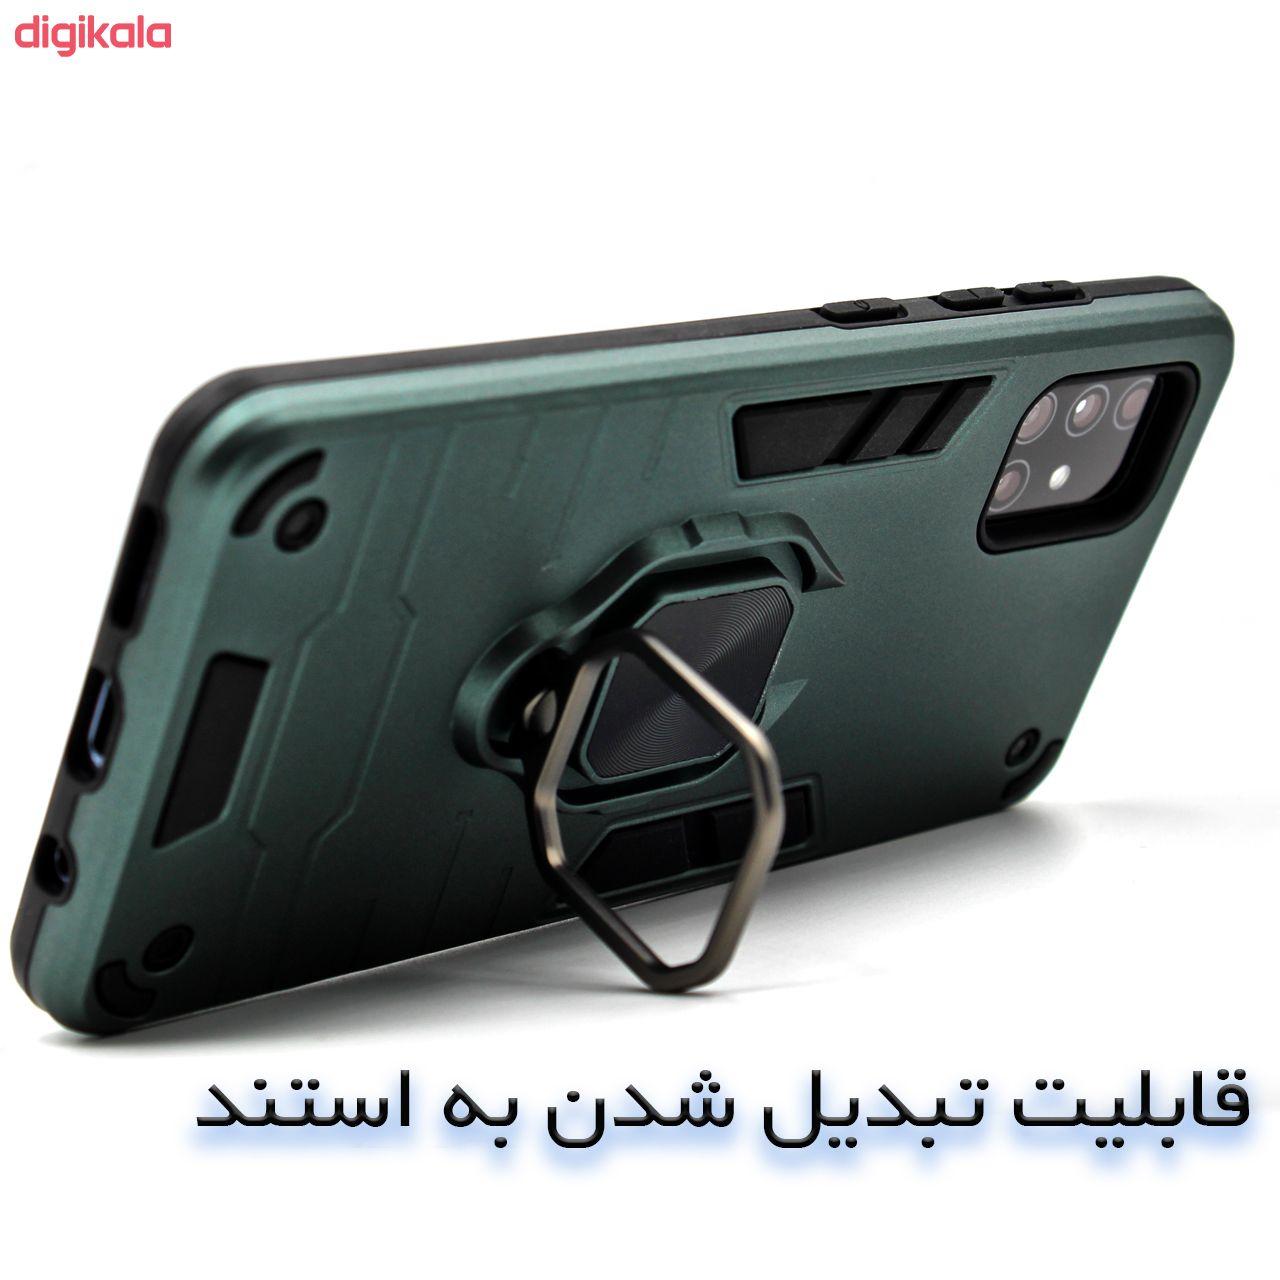 کاور کینگ پاور مدل ASH22 مناسب برای گوشی موبایل سامسونگ Galaxy A51 main 1 3